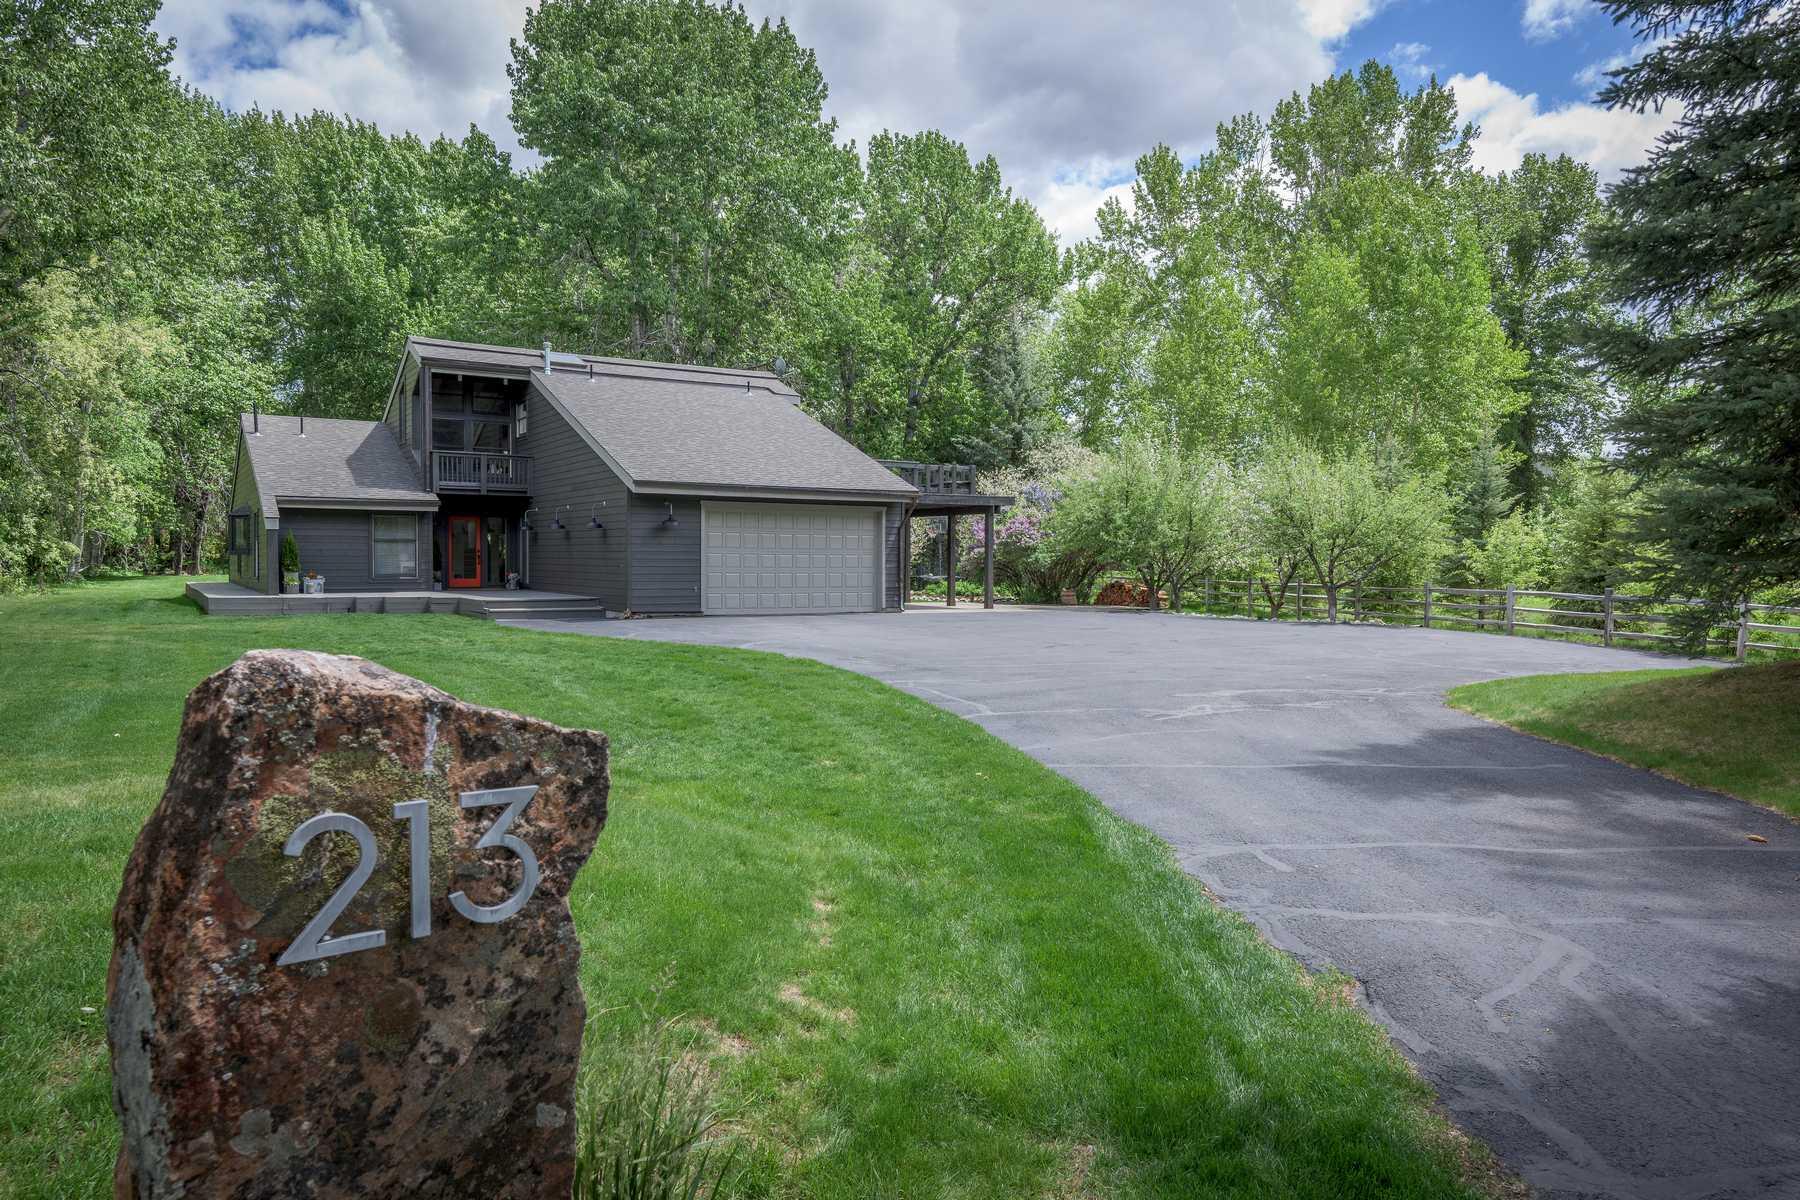 Maison unifamiliale pour l Vente à Zinc Spur Gem 213 Willow Rd Hailey, Idaho, 83333 États-Unis